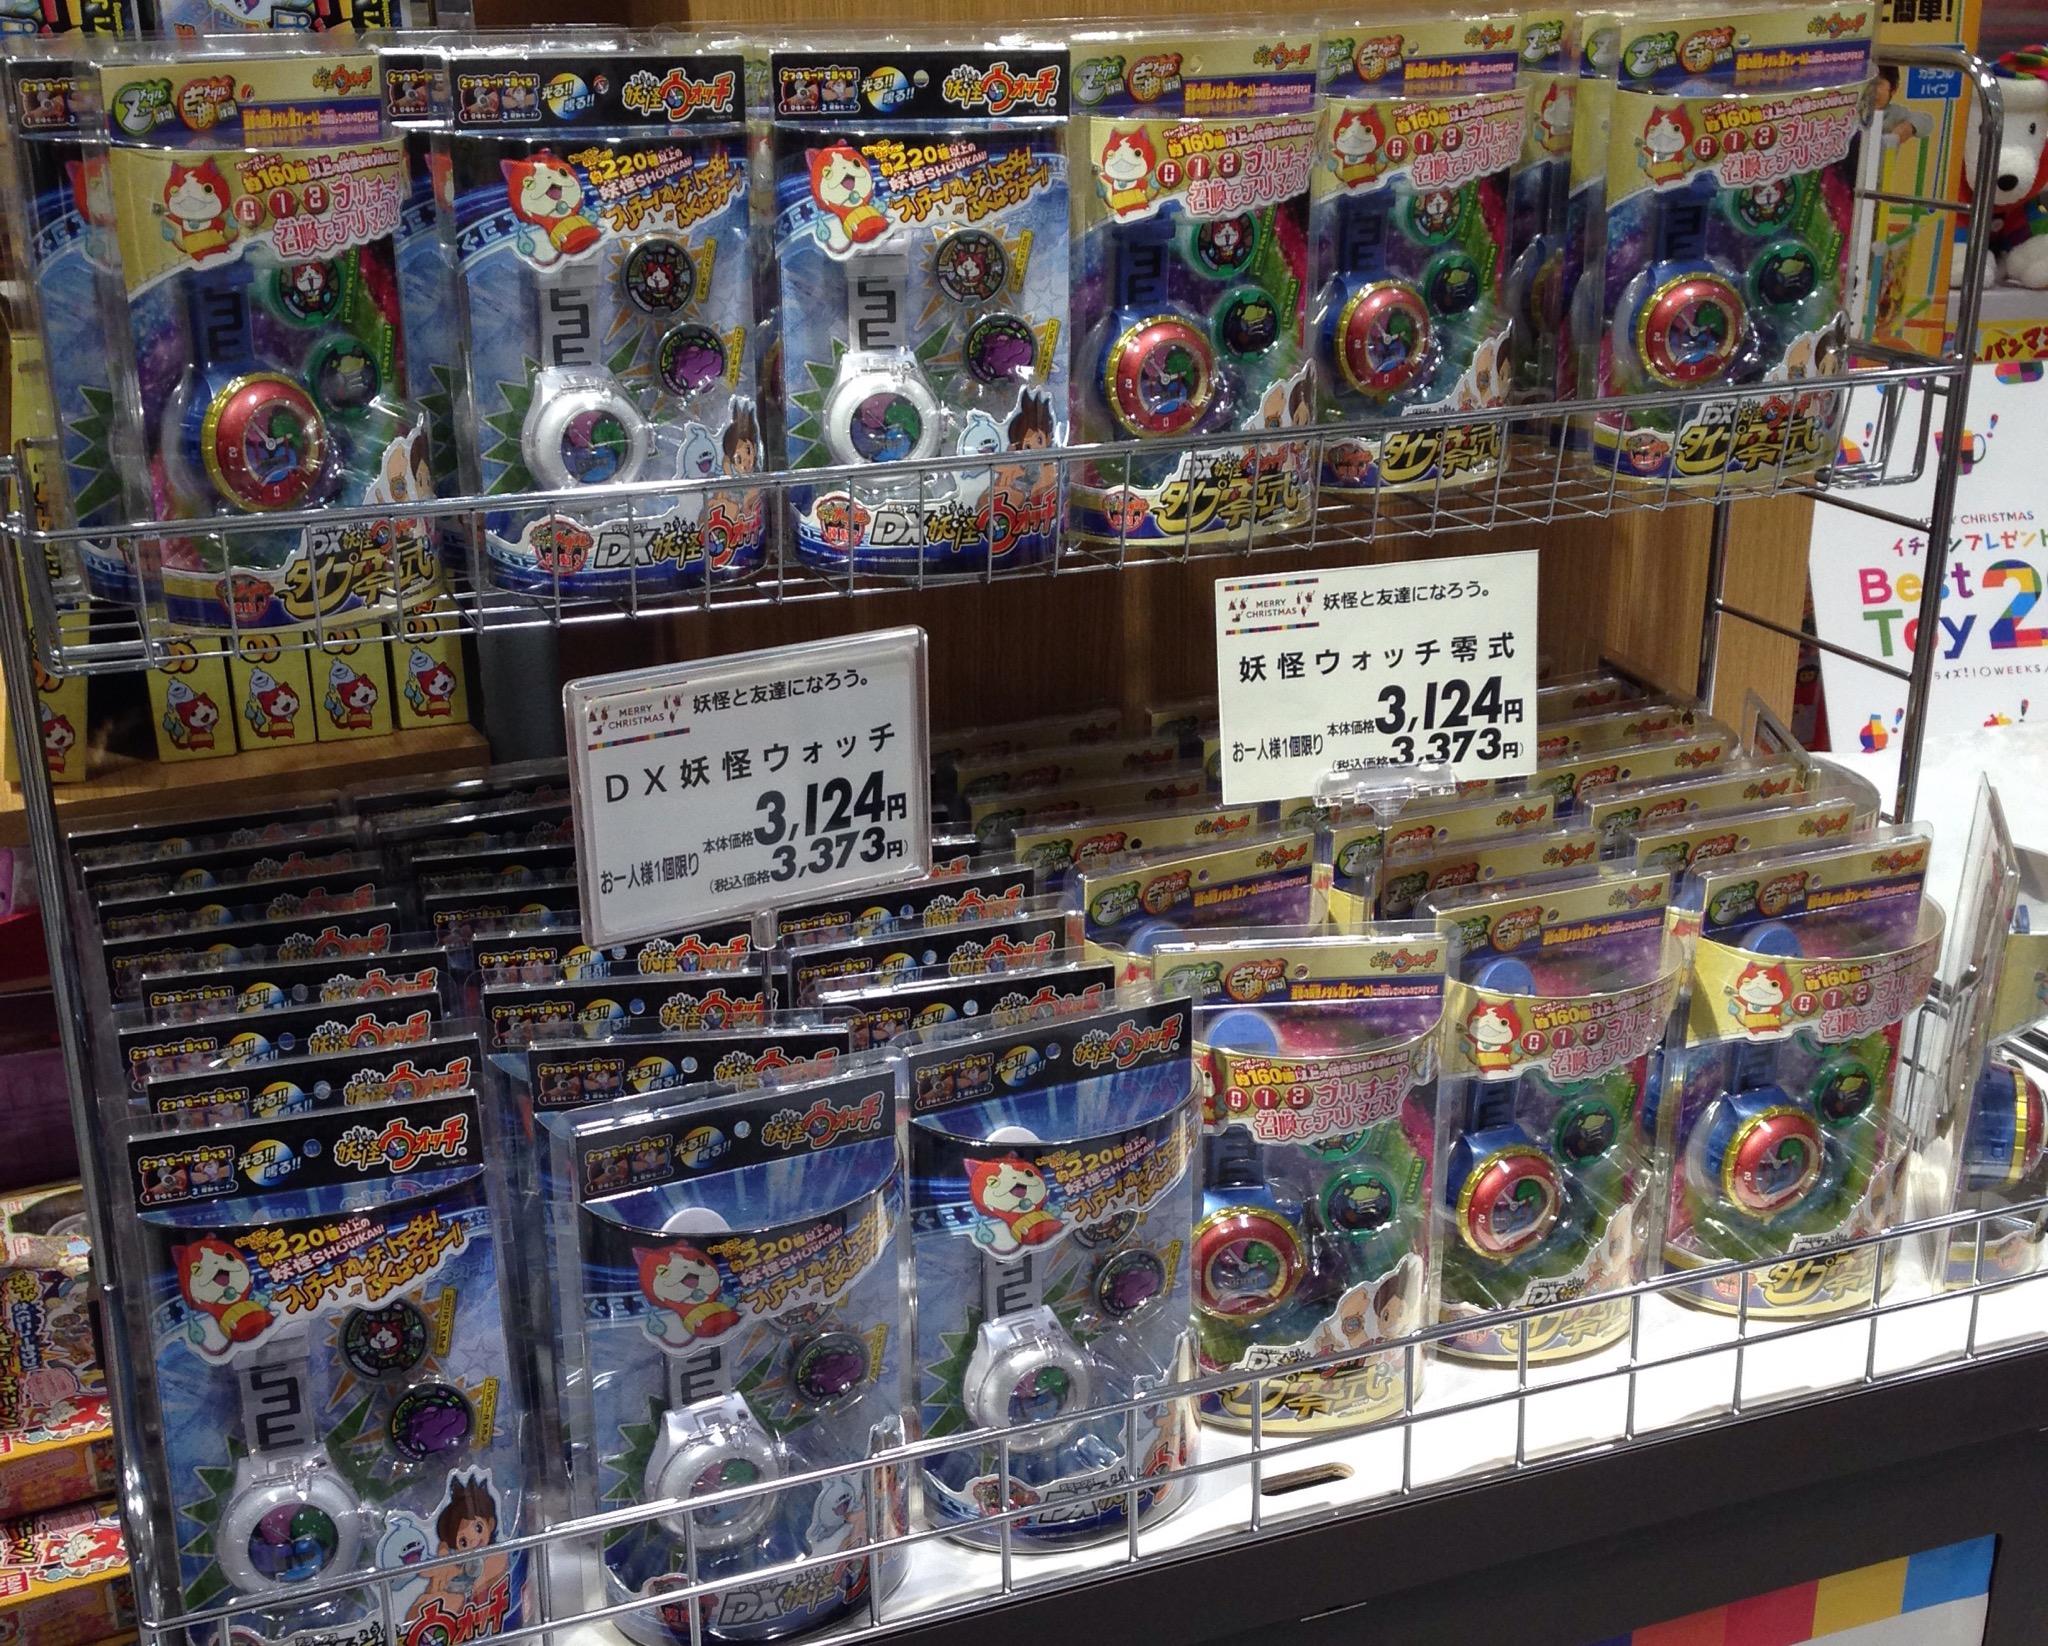 普通に買えるようになった妖怪ウォッチを、待ちきれずに1万円出して買ってしまう親